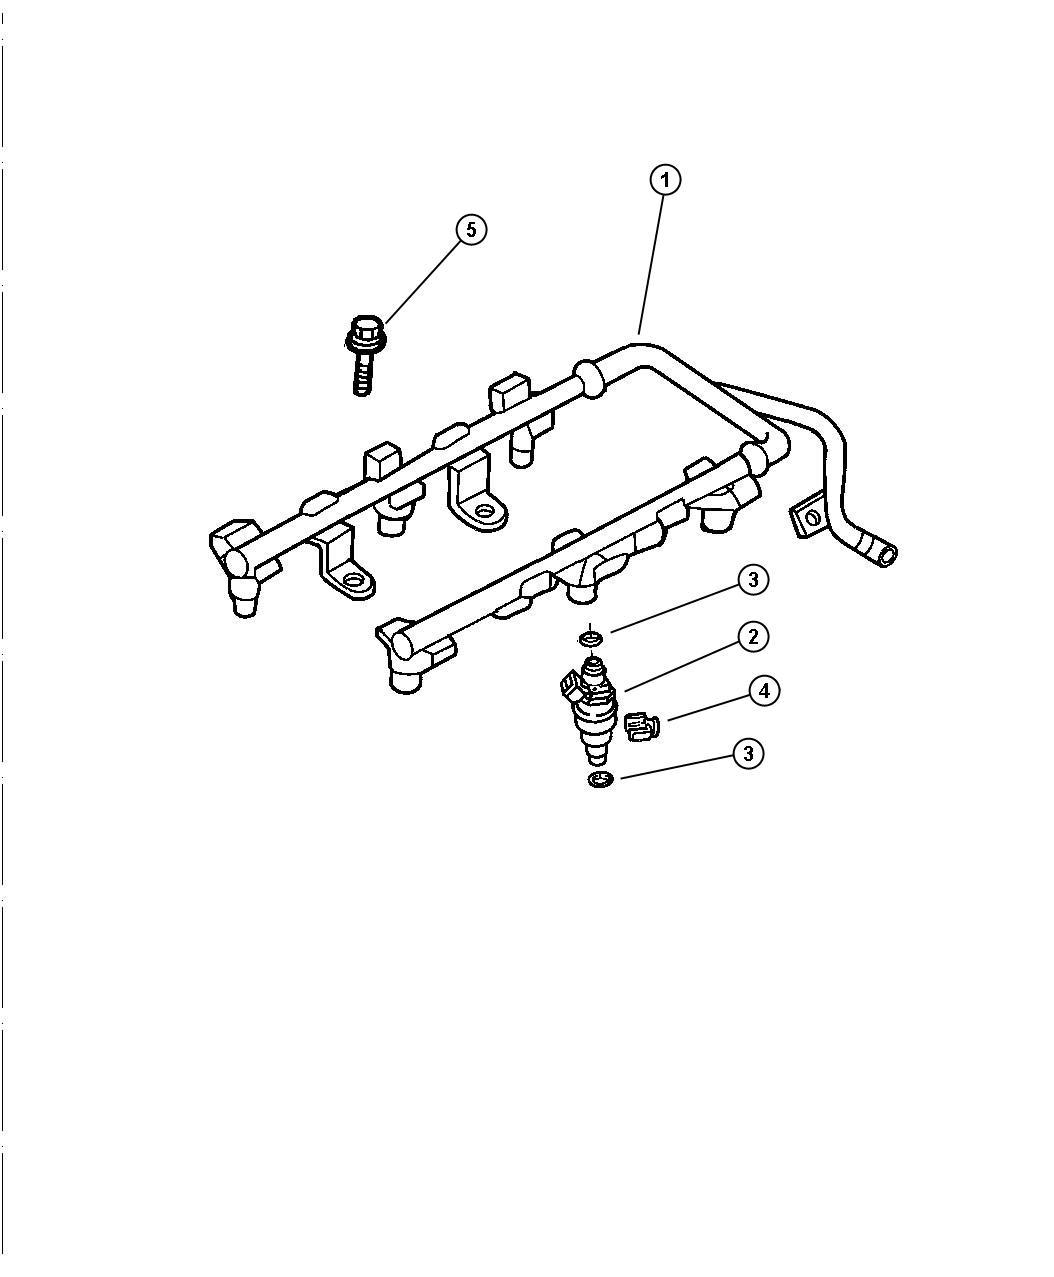 2002 Chrysler Sebring LX 2.7L V6 DOHC 24 Valve MPI, 4-Spd